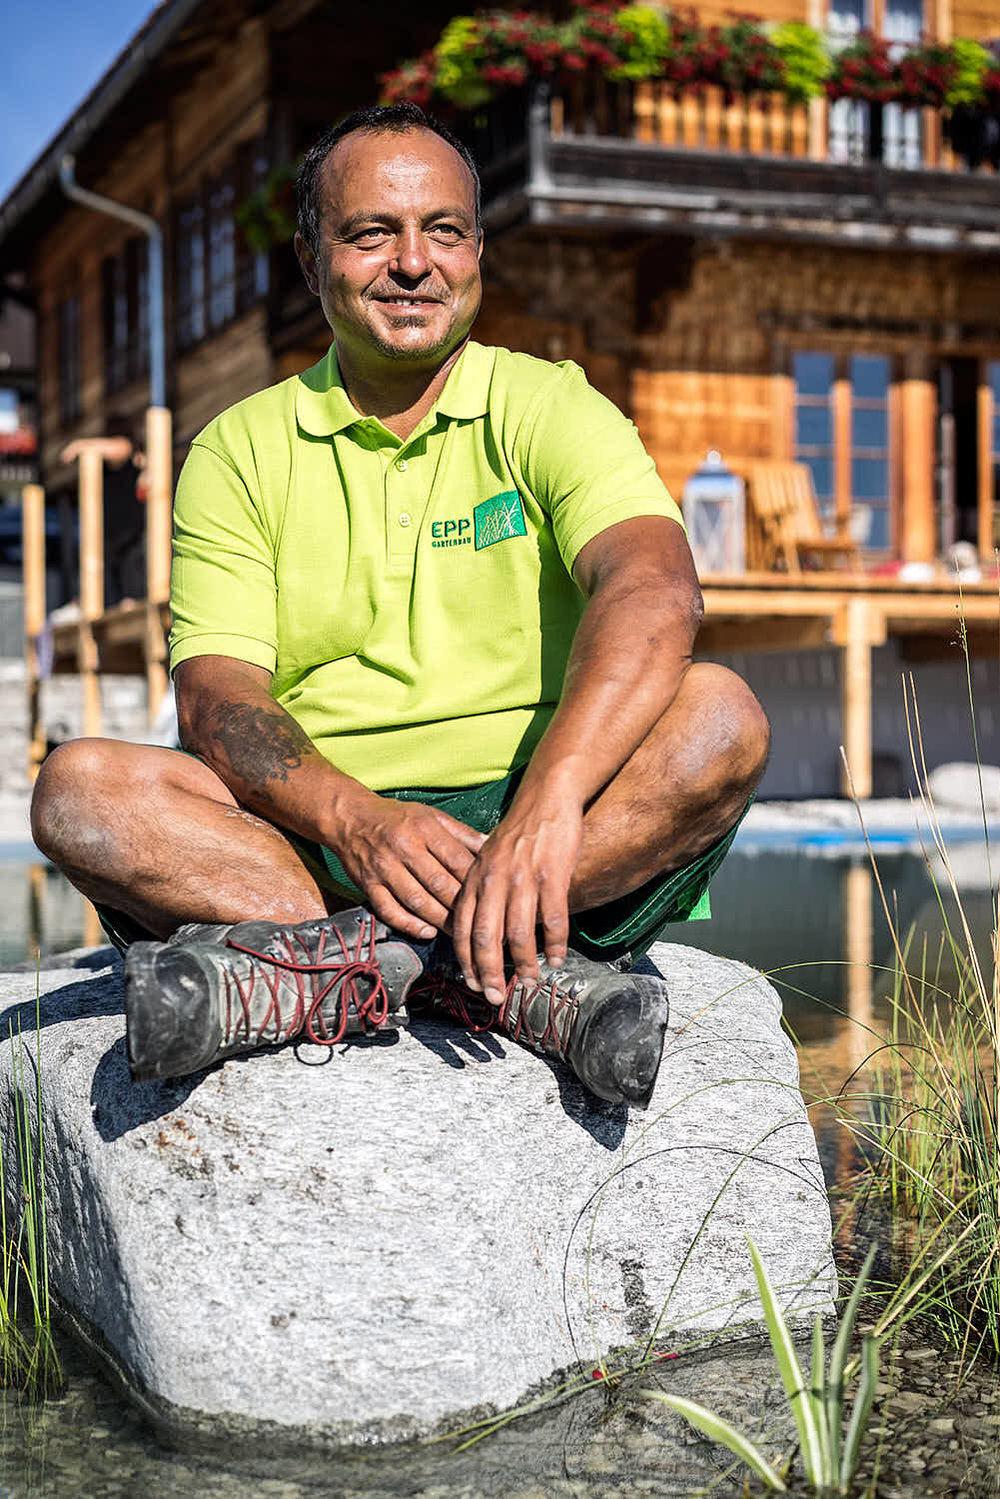 Tarig Omer Selbstständiger Landschaftsgärtner & Staatlich geprüfter Schwimmteichbauer Bringt Wasser in Ihren Garten. Man munkelt, er hat schon Schwimmhäute.